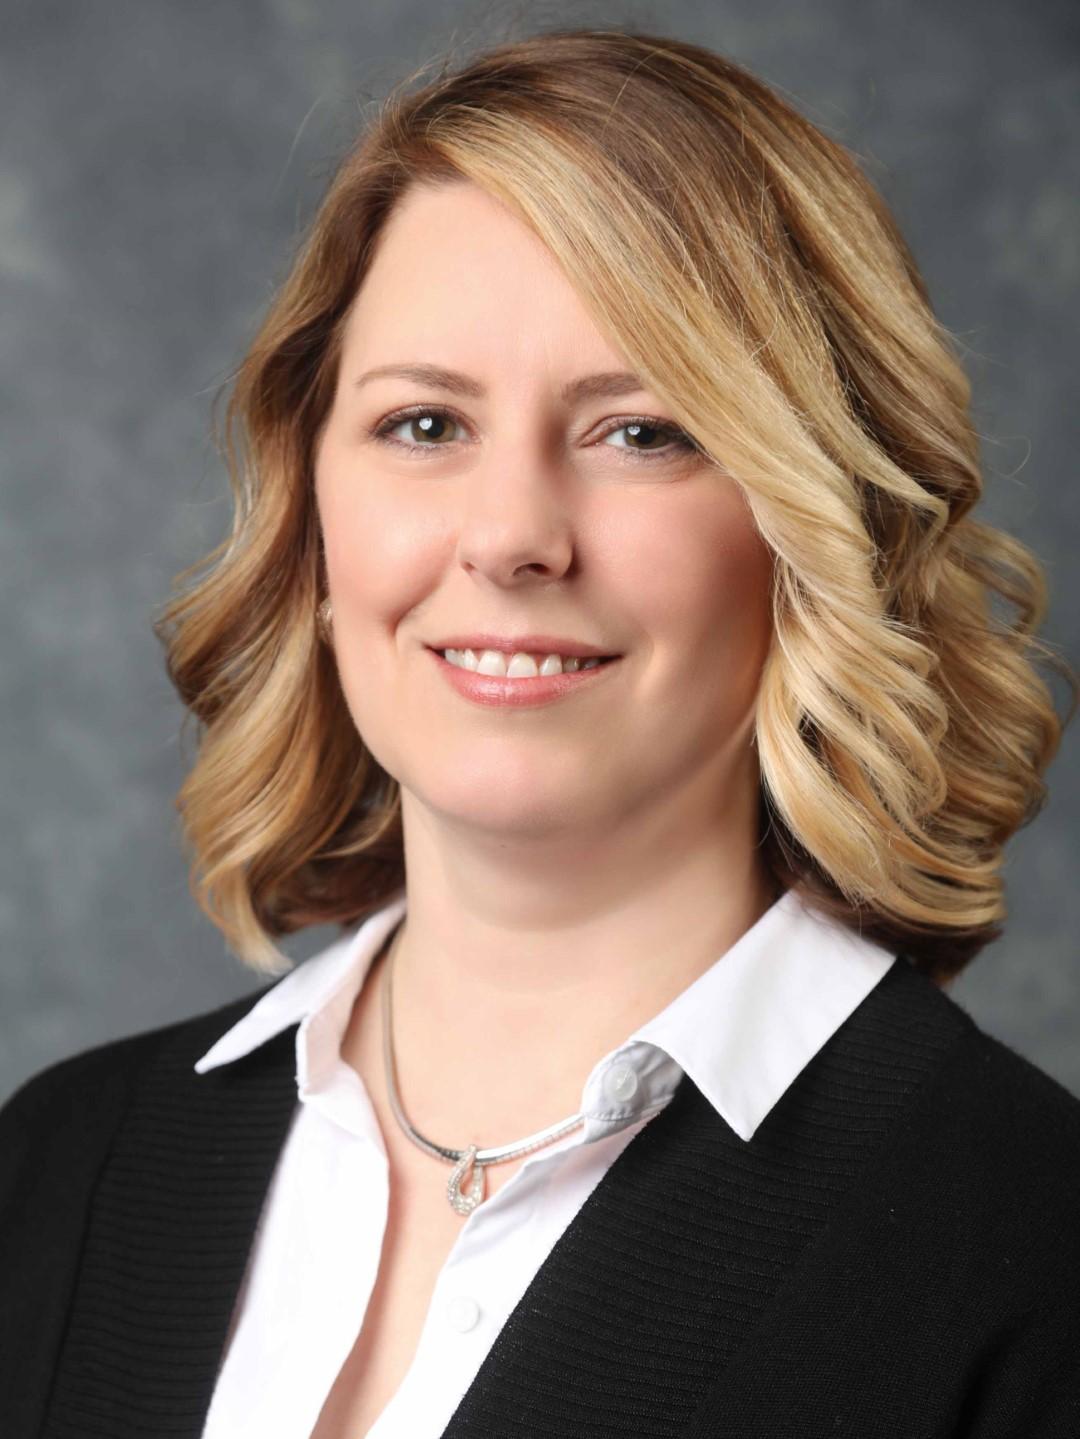 Katie Hartline